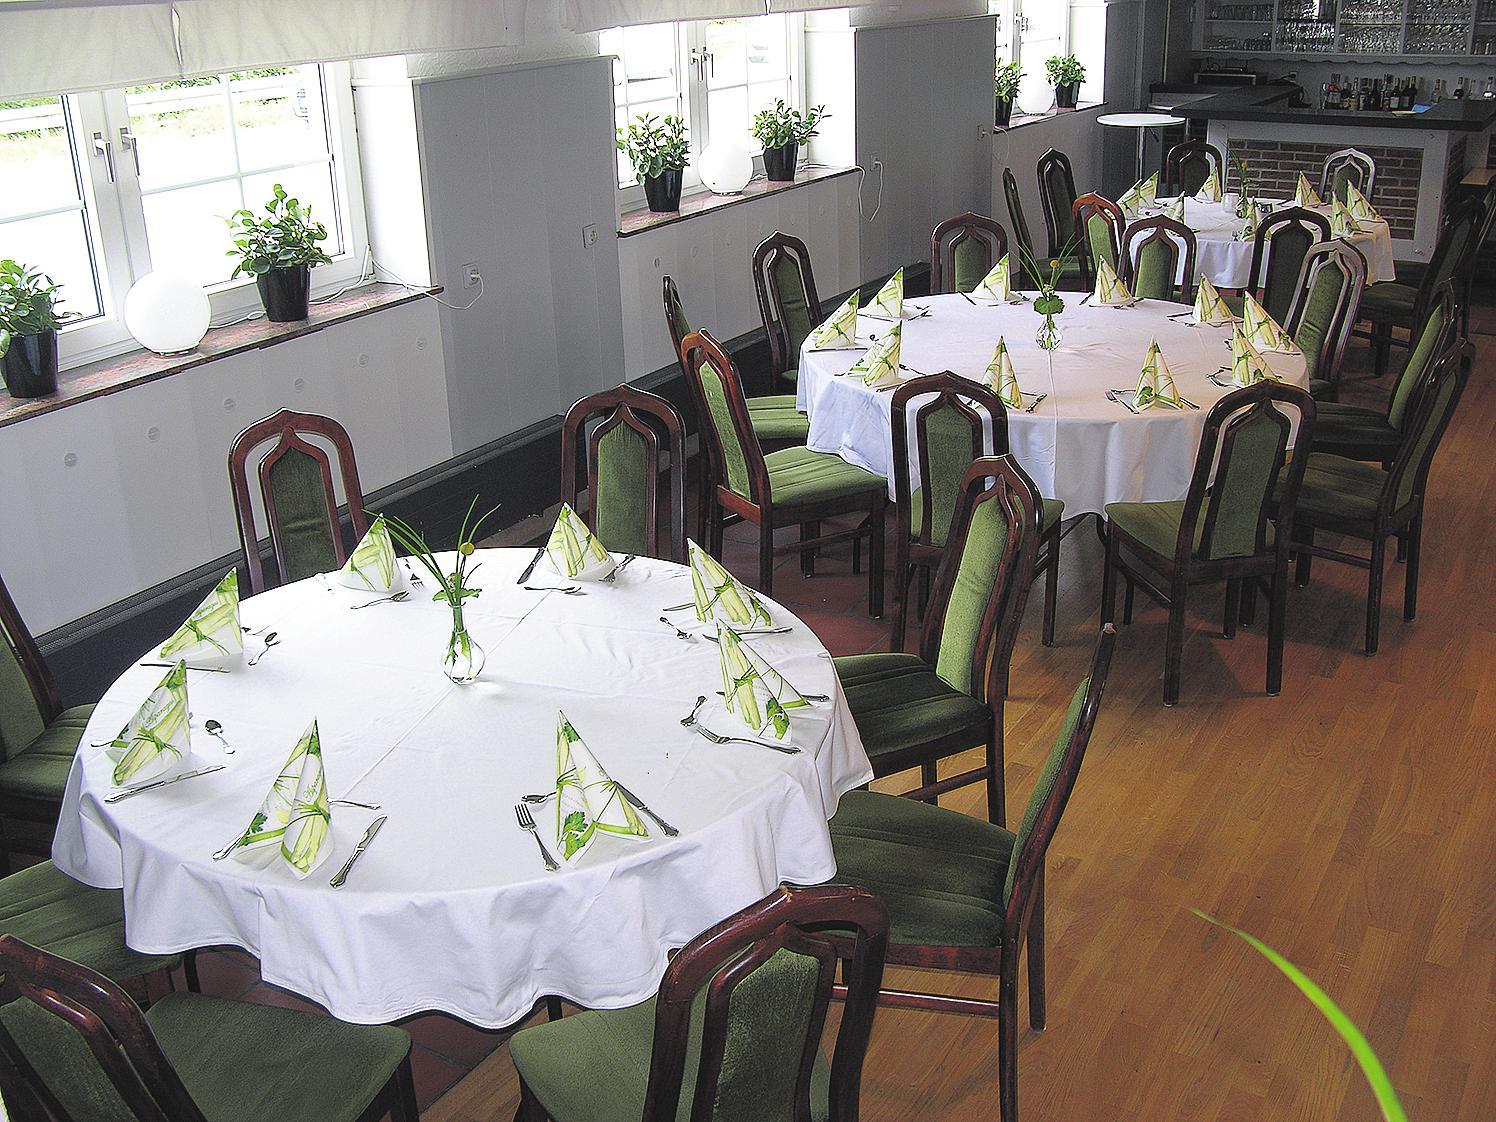 Im Festsaal können die Gäste jetzt an runden Tischen Platz nehmen. In Kürze kommen auch noch neue Stühle hinzu.